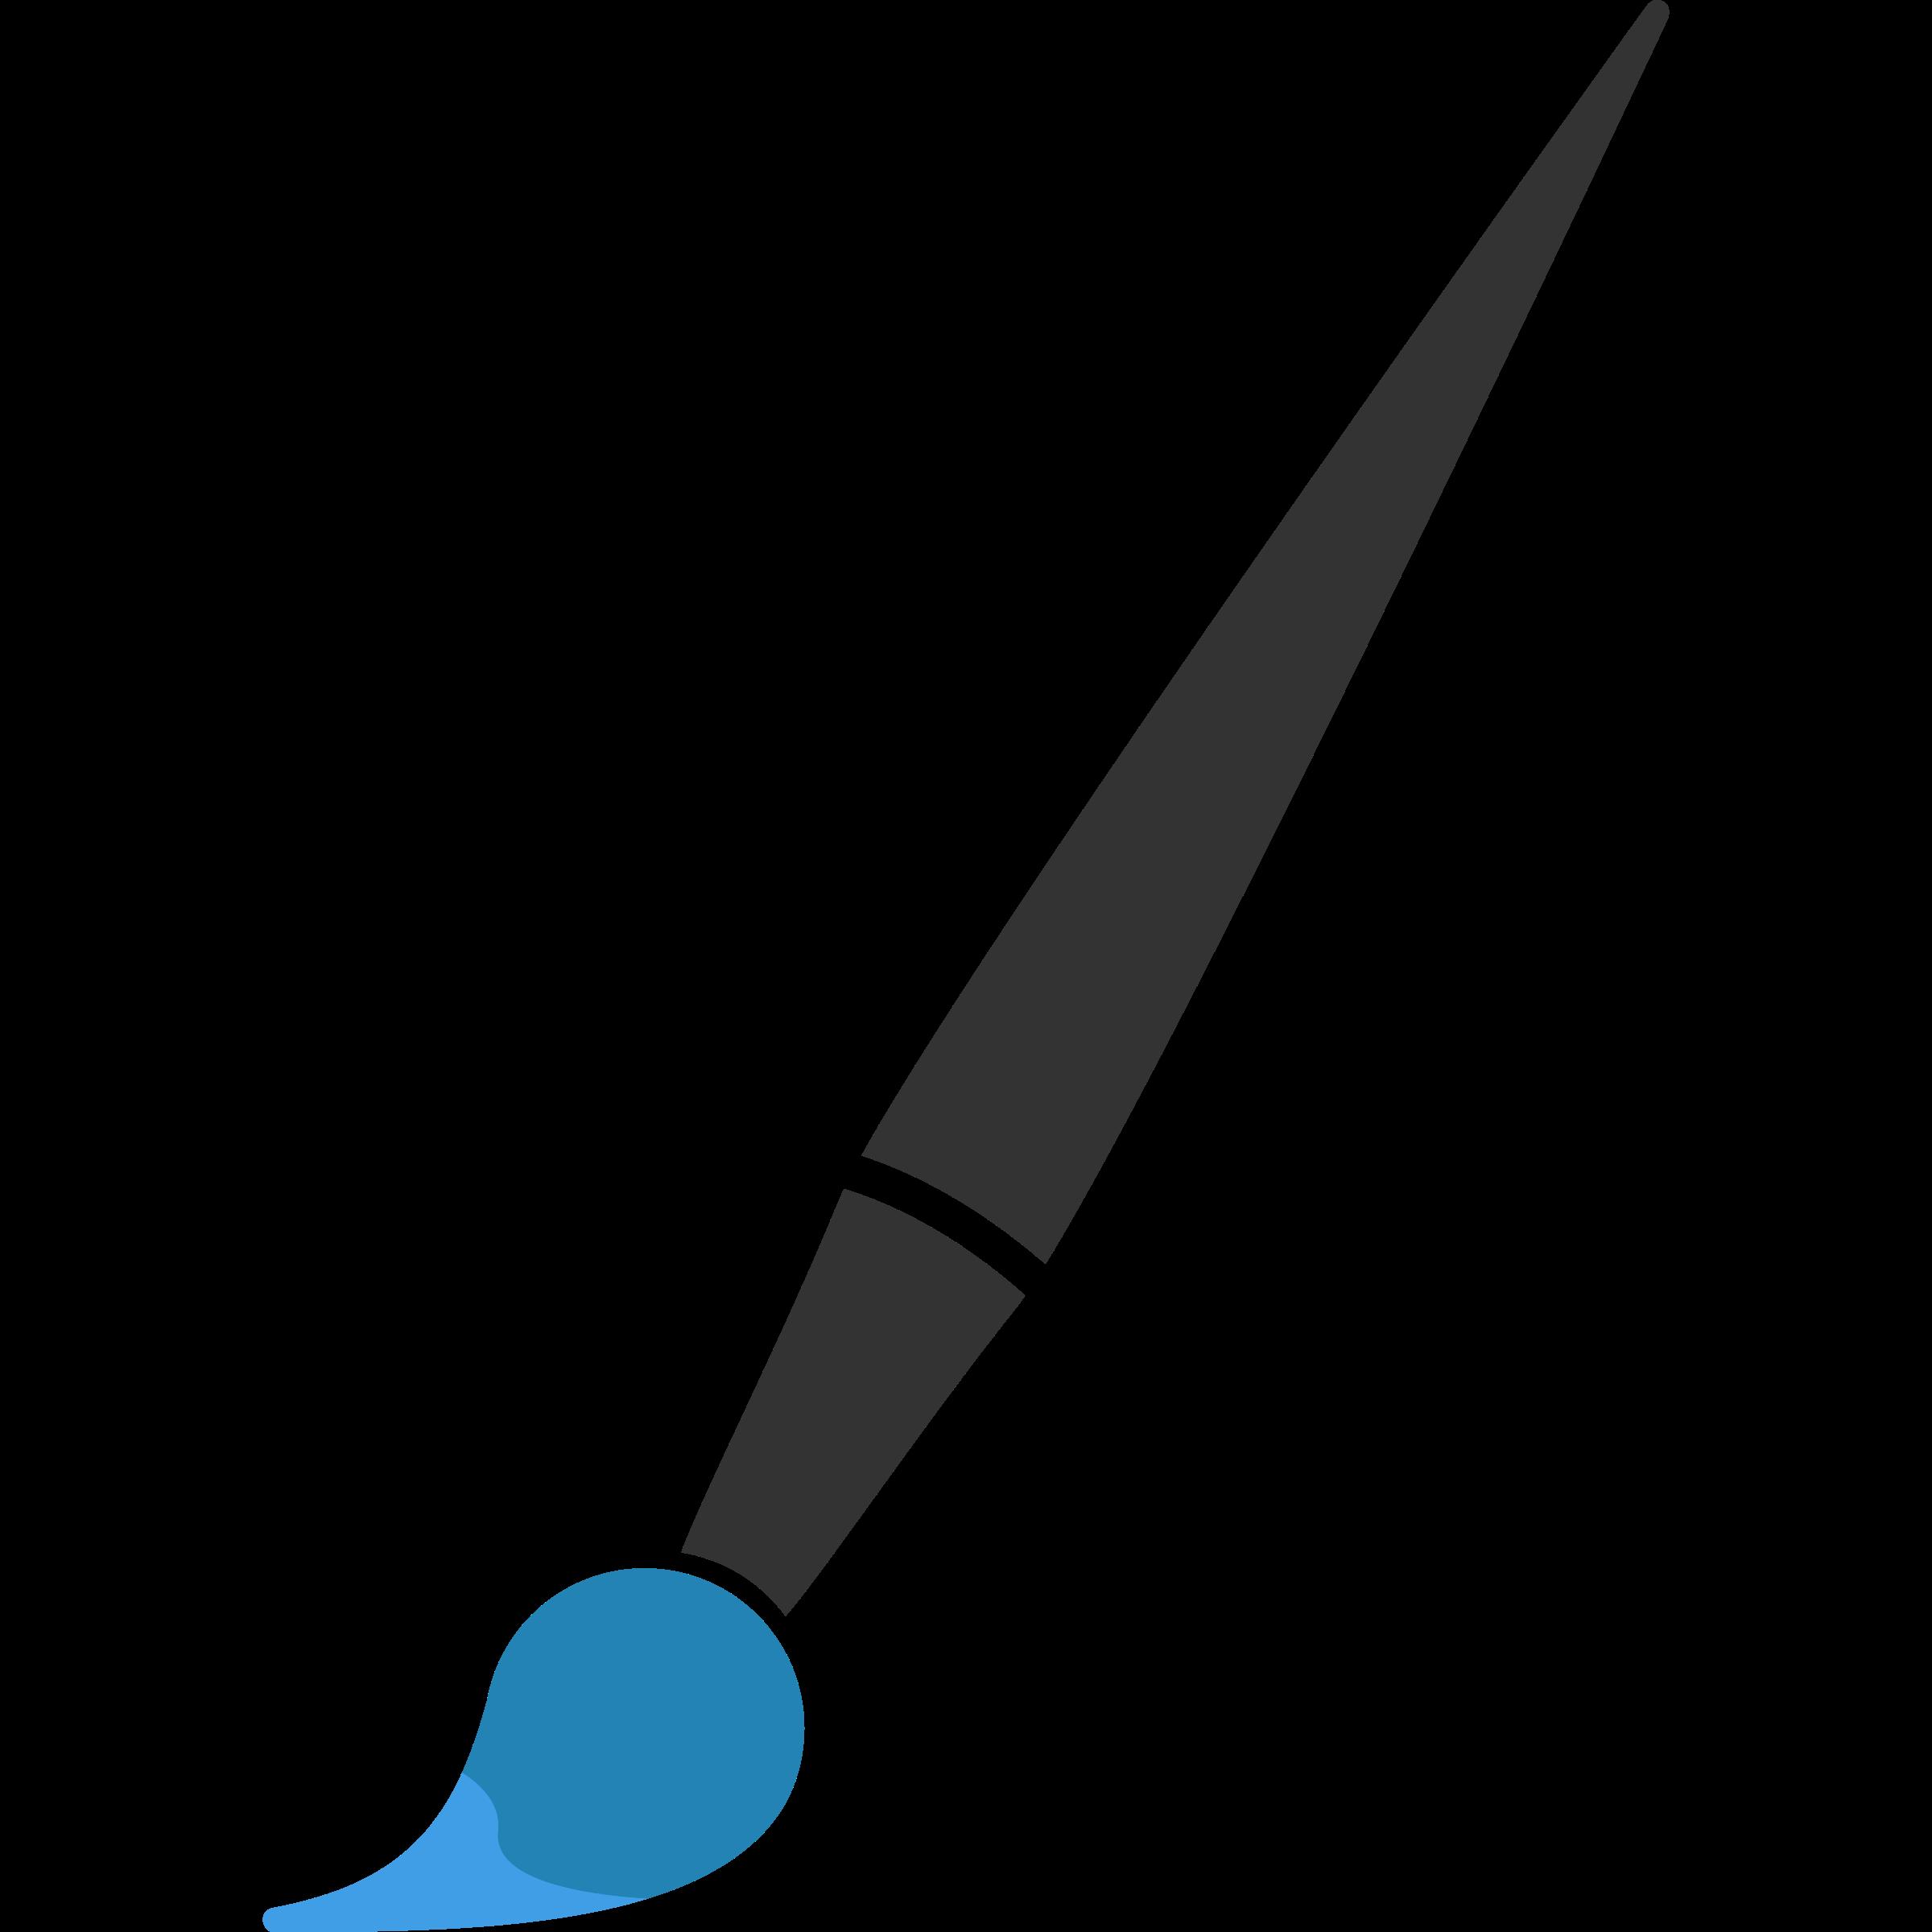 clipart minimalist paint brush clip art paint brushes free clip art paint brush cup